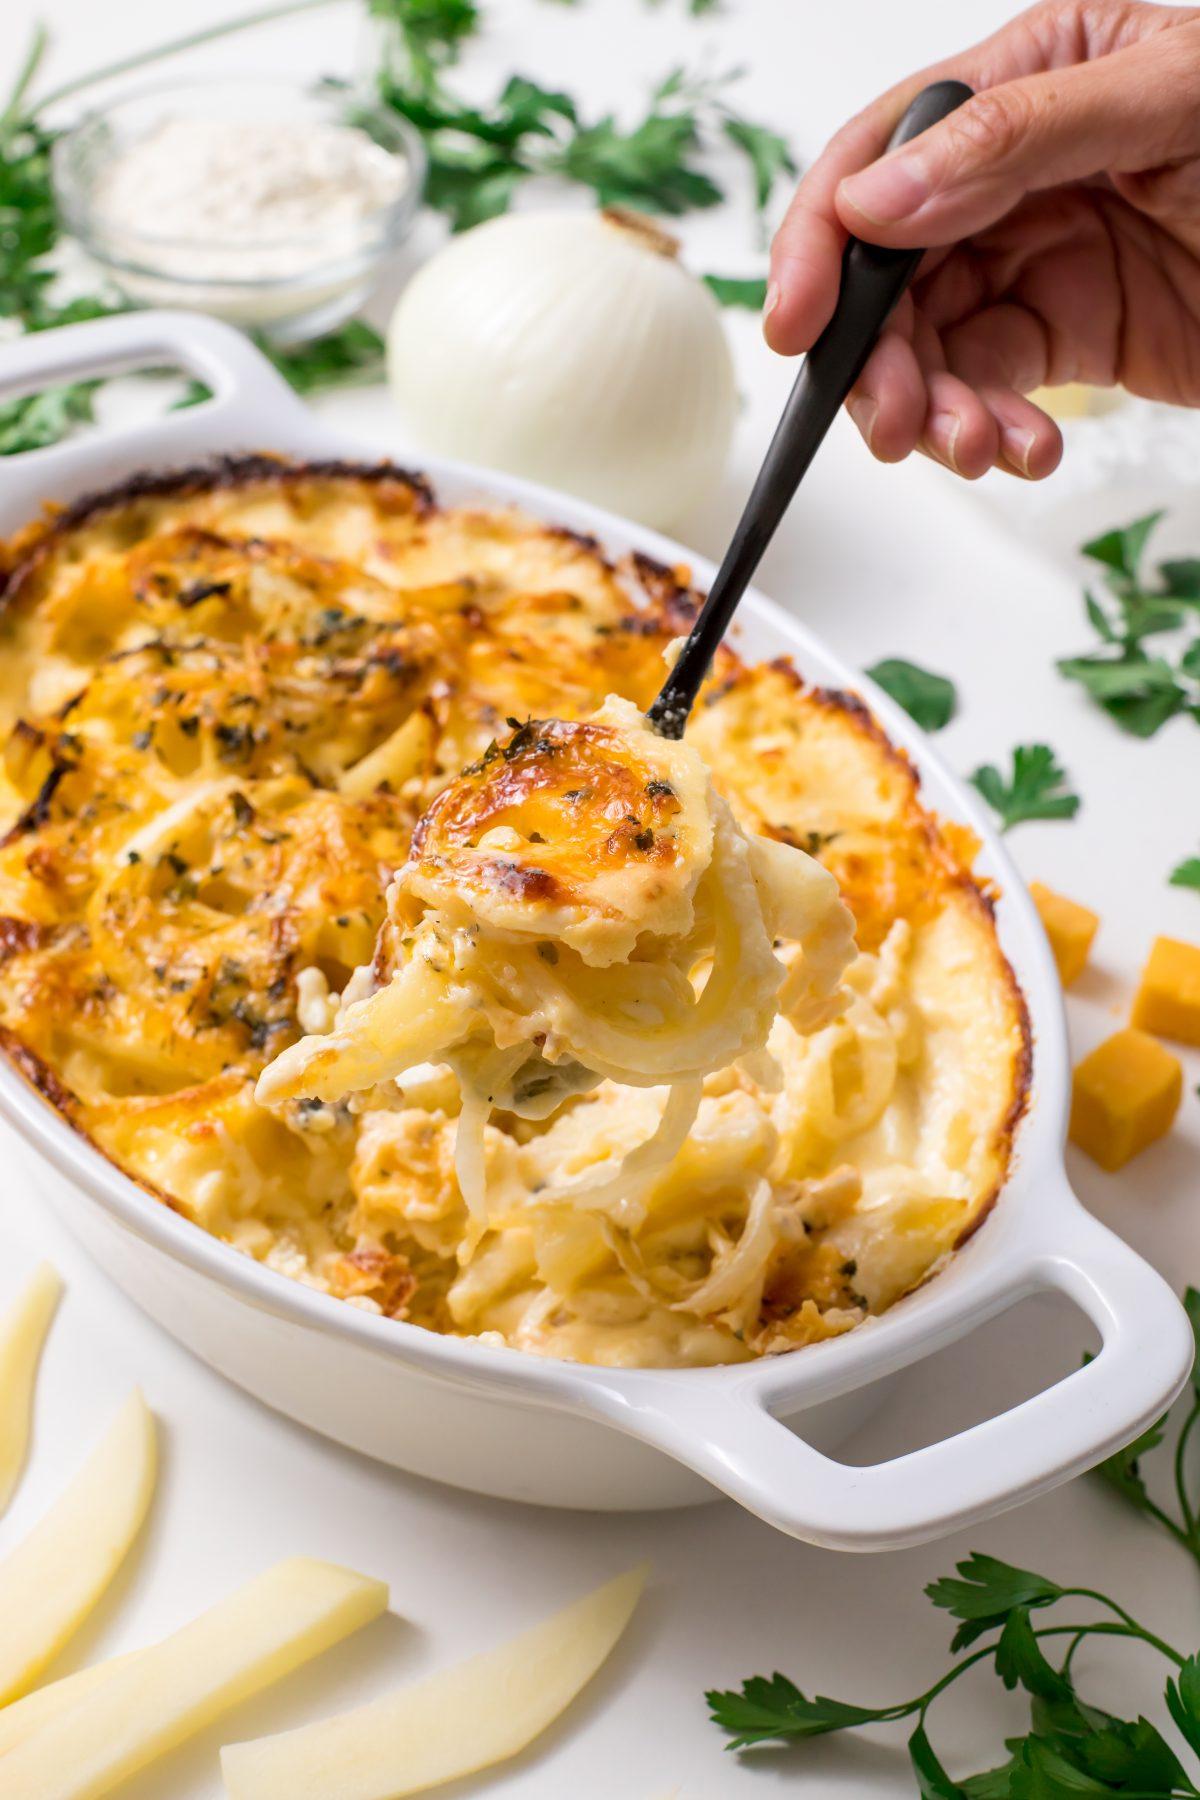 5D4B2054 - Cheesy Holiday Potatoes